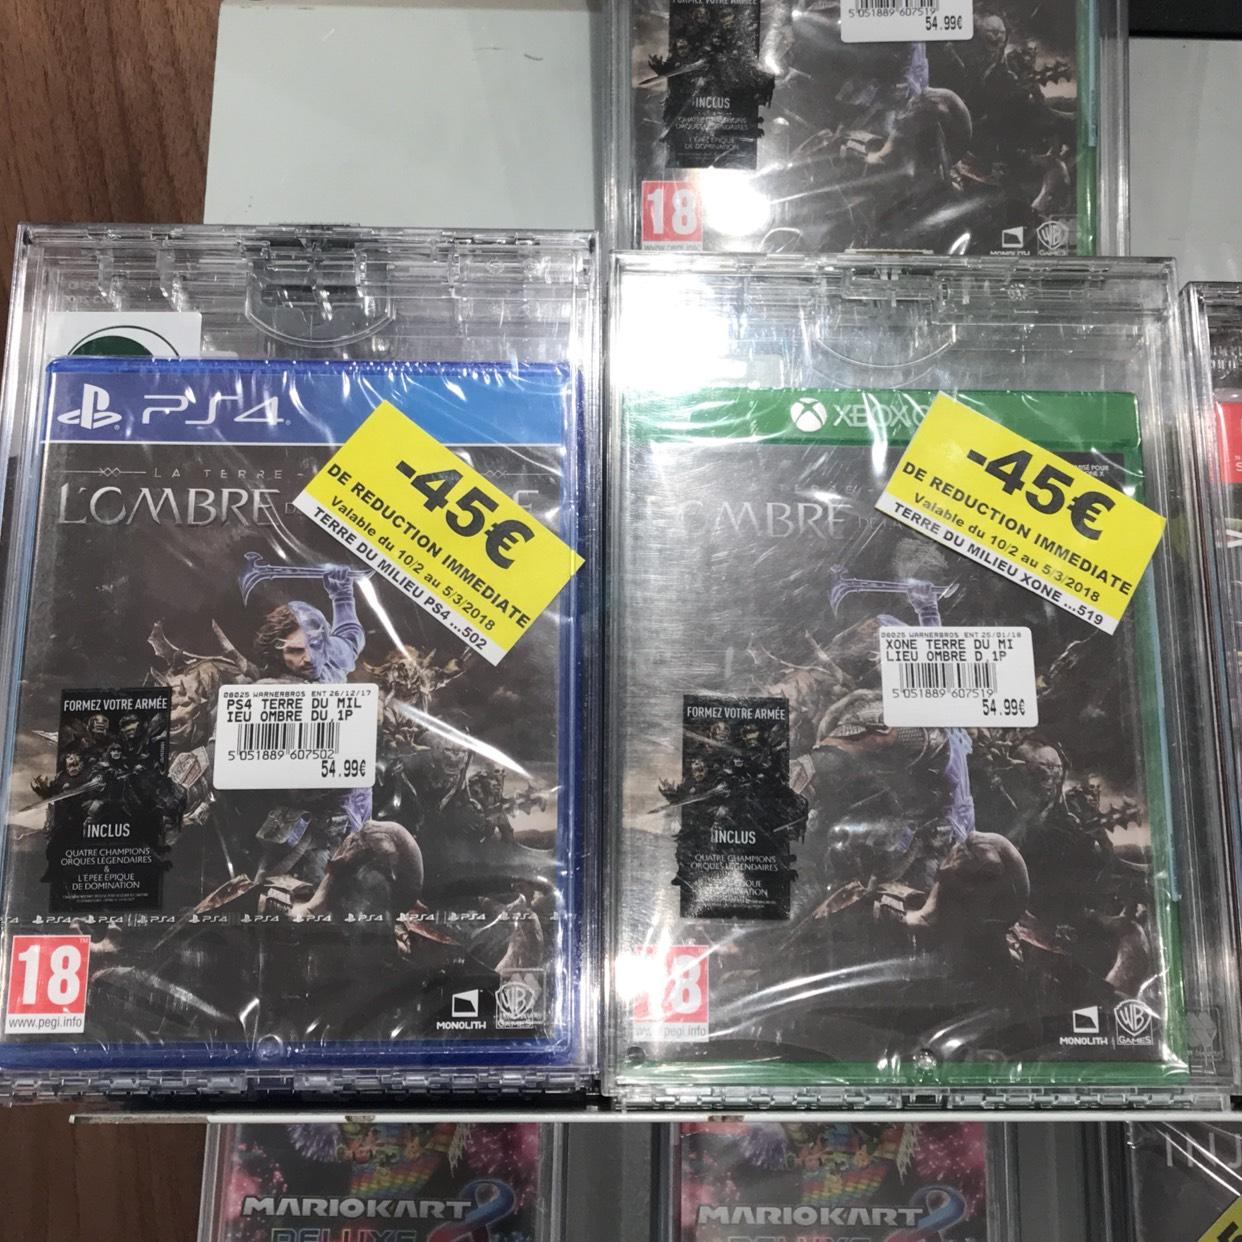 Jeu La Terre du Milieu: L'Ombre de la Guerre sur PS4 ou Xbox One - Leclerc Carrière sous poissy (78)